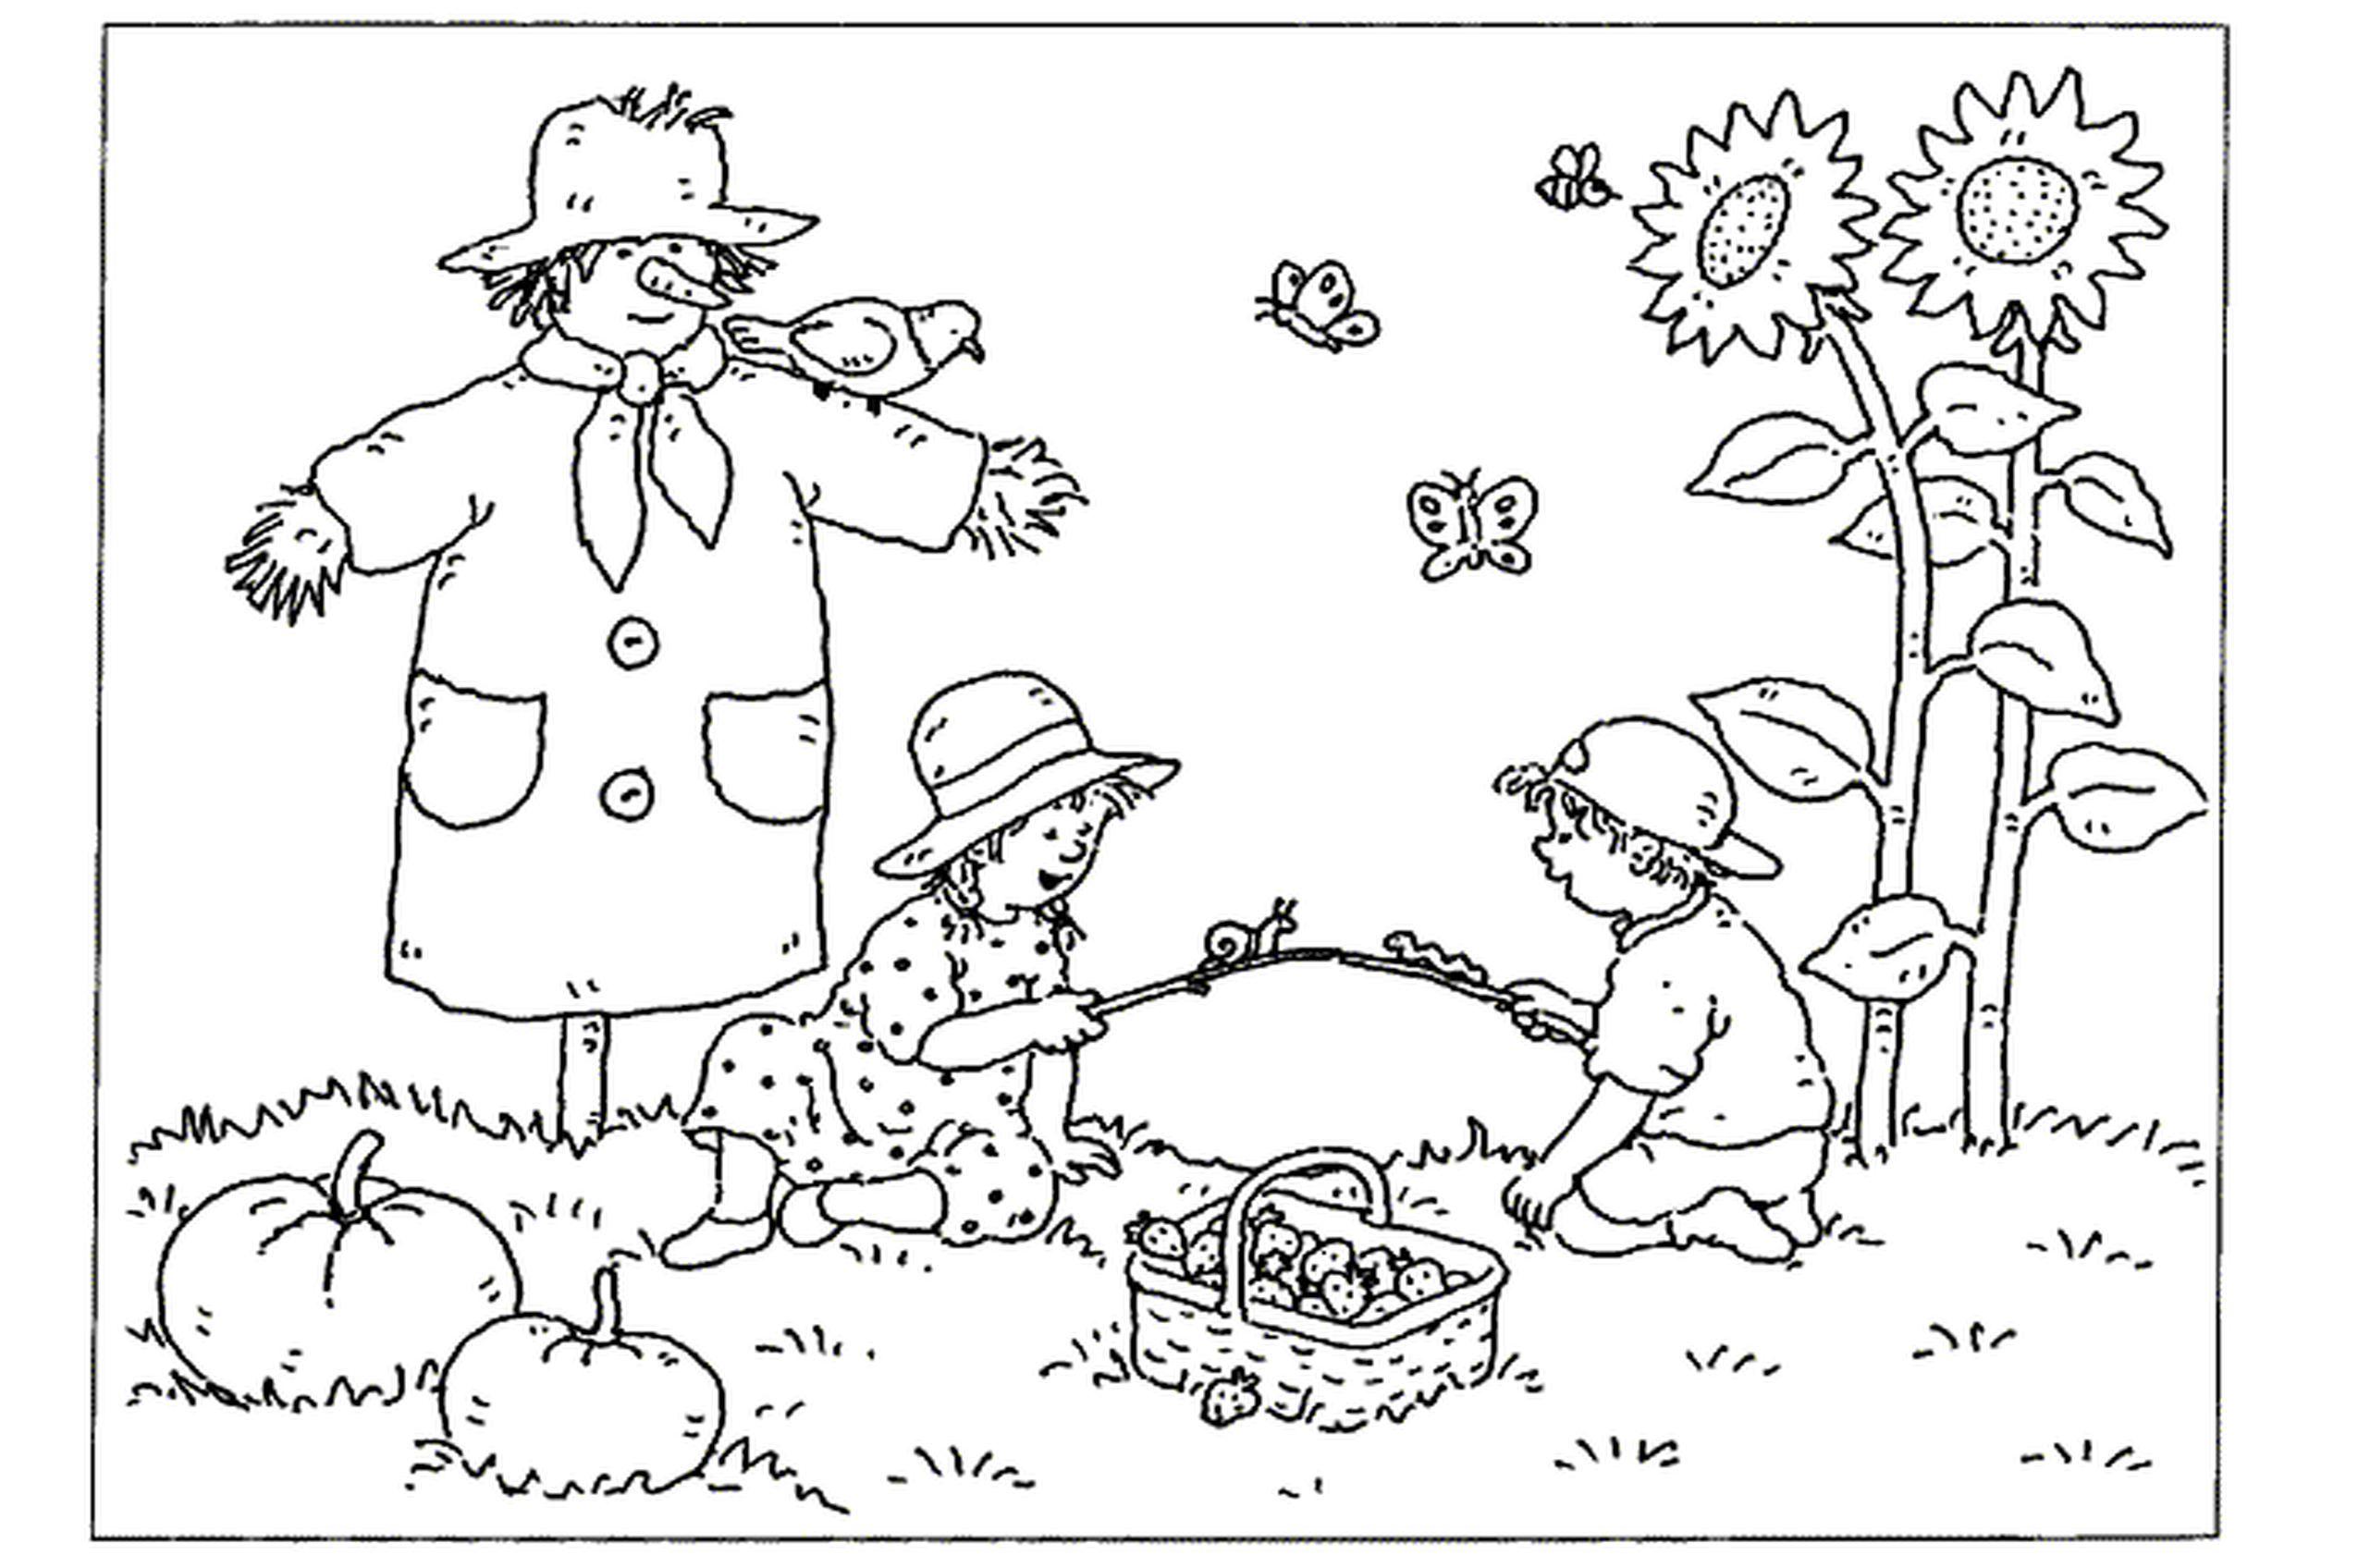 Free Fall Coloring Pages For Kids Jpg 2550 1696 Gratis Kleurplaten Kleurplaten Voor Volwassenen Kleurboek